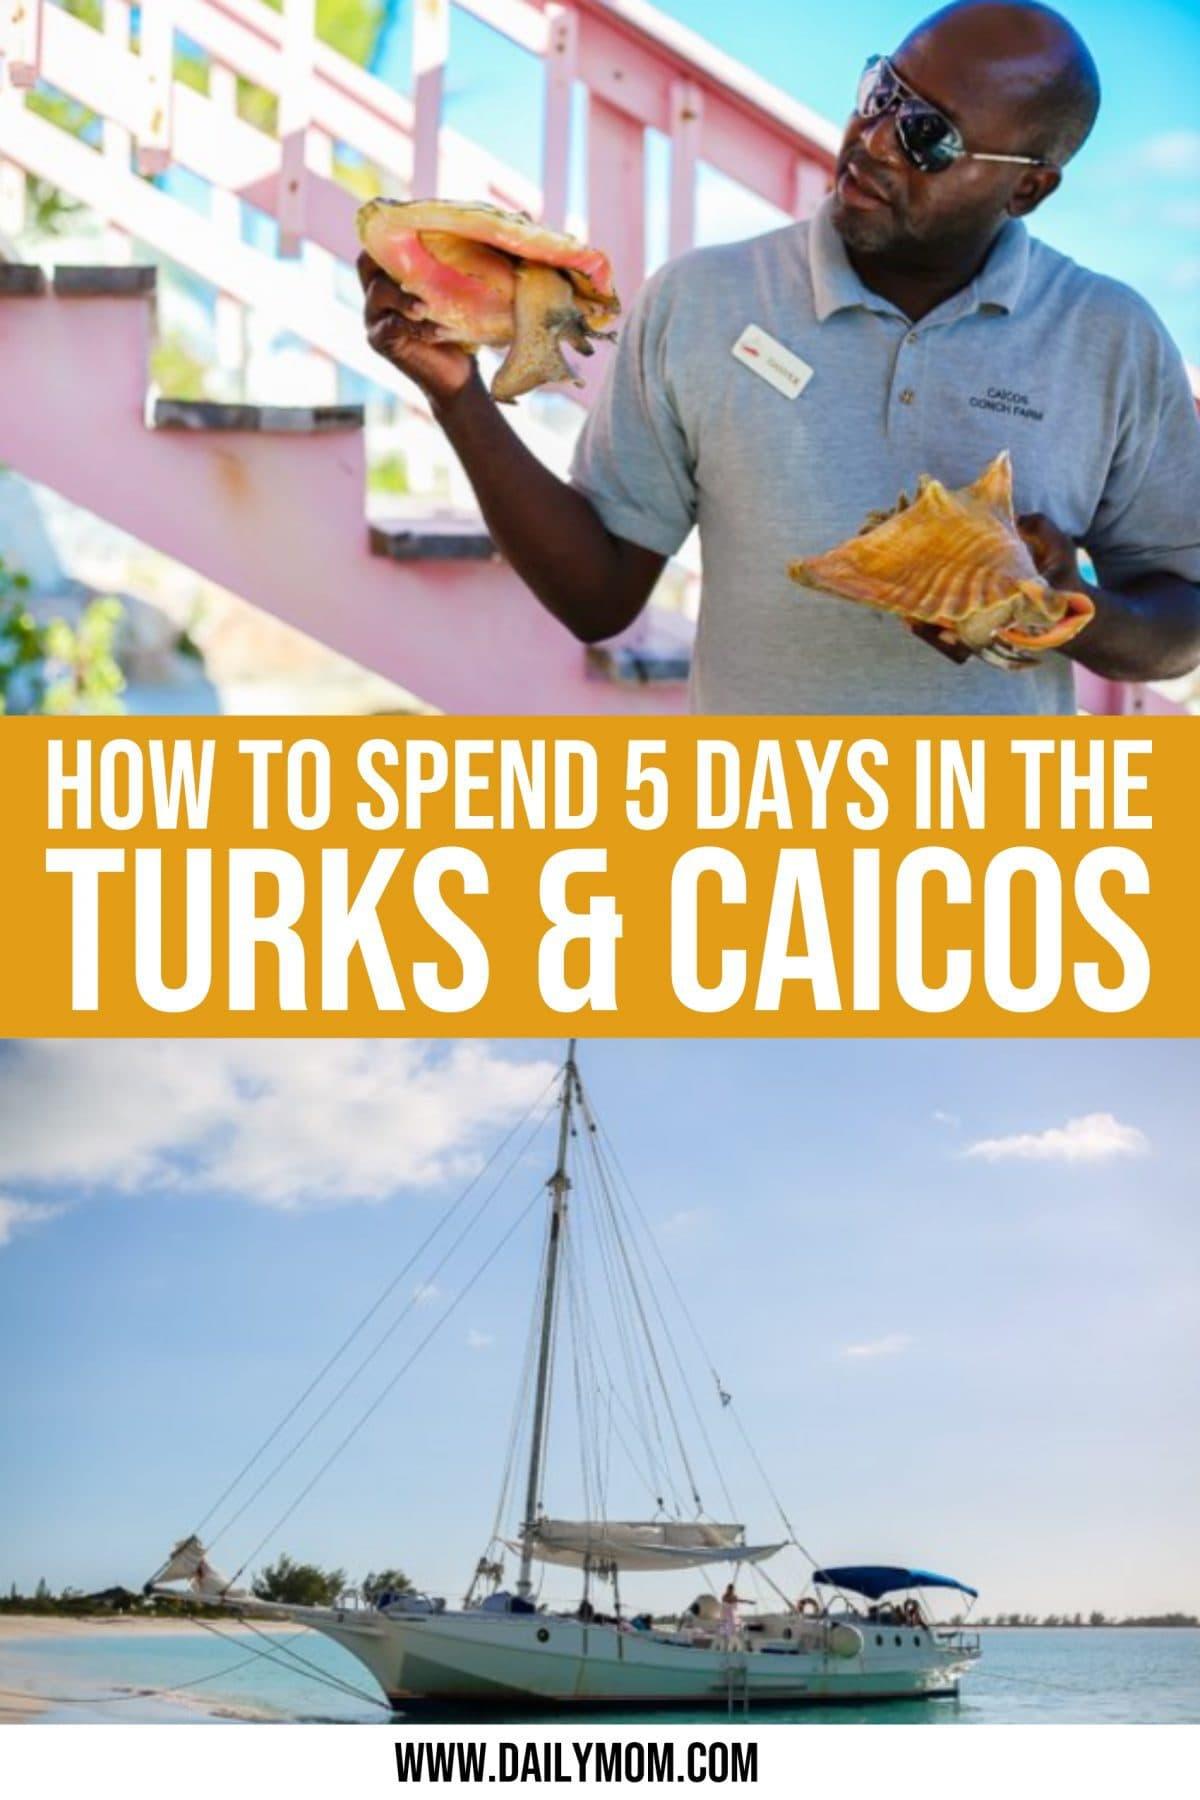 daily mom parent portal travel to turks and caicos